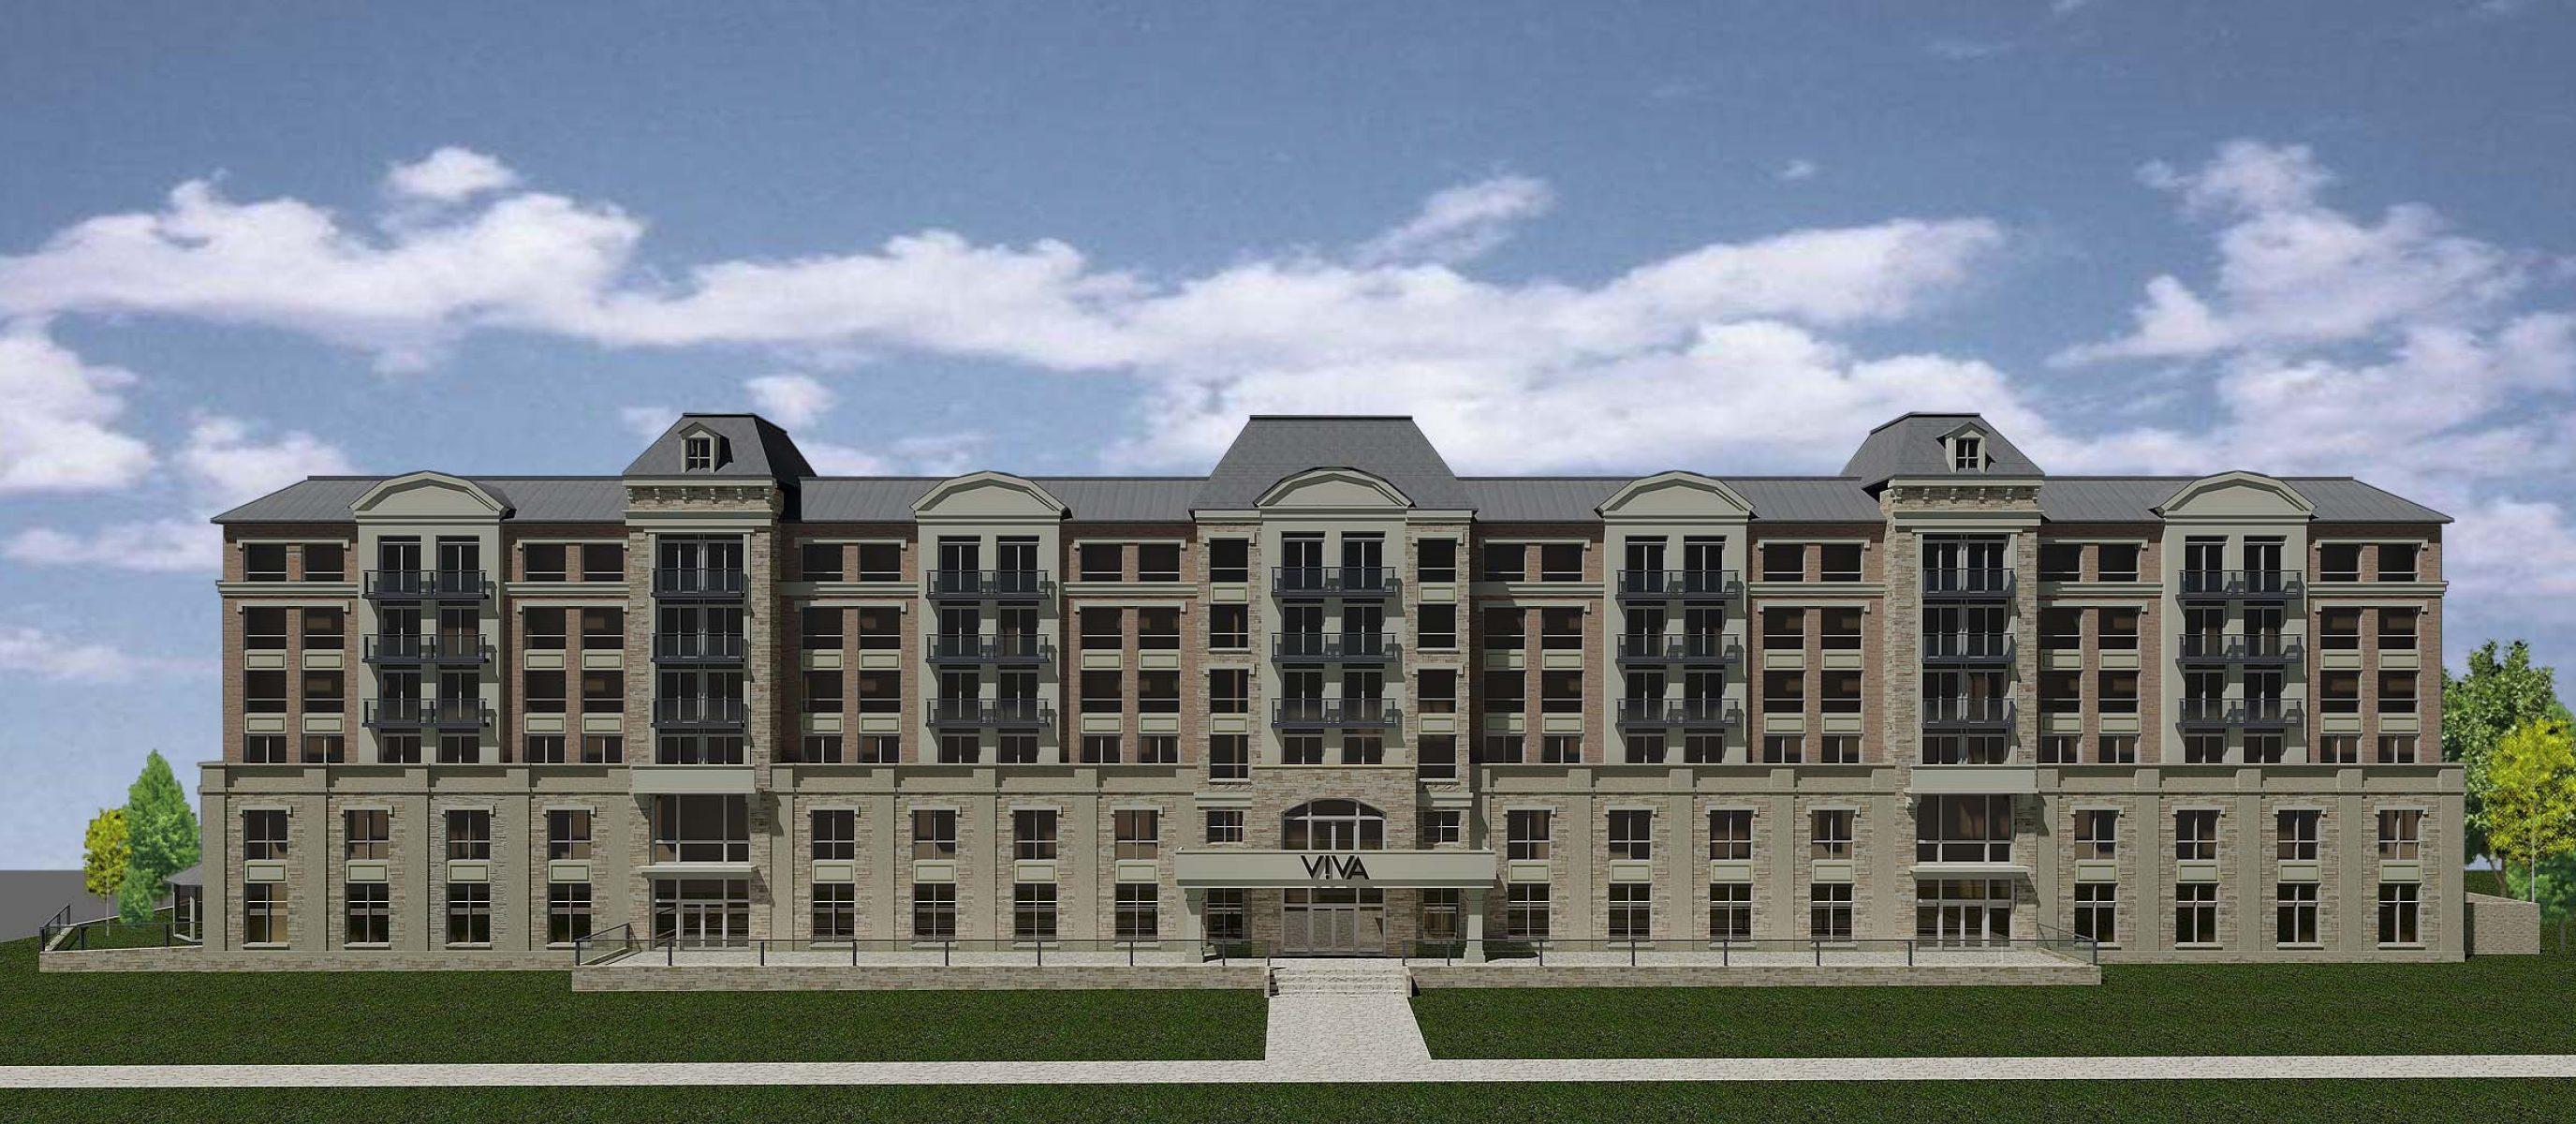 Korsiak Urban Planning - Oakville Portfolio - V!VA Retirement, Greenfield, Mid-Rise Development - Oakville, Ontario